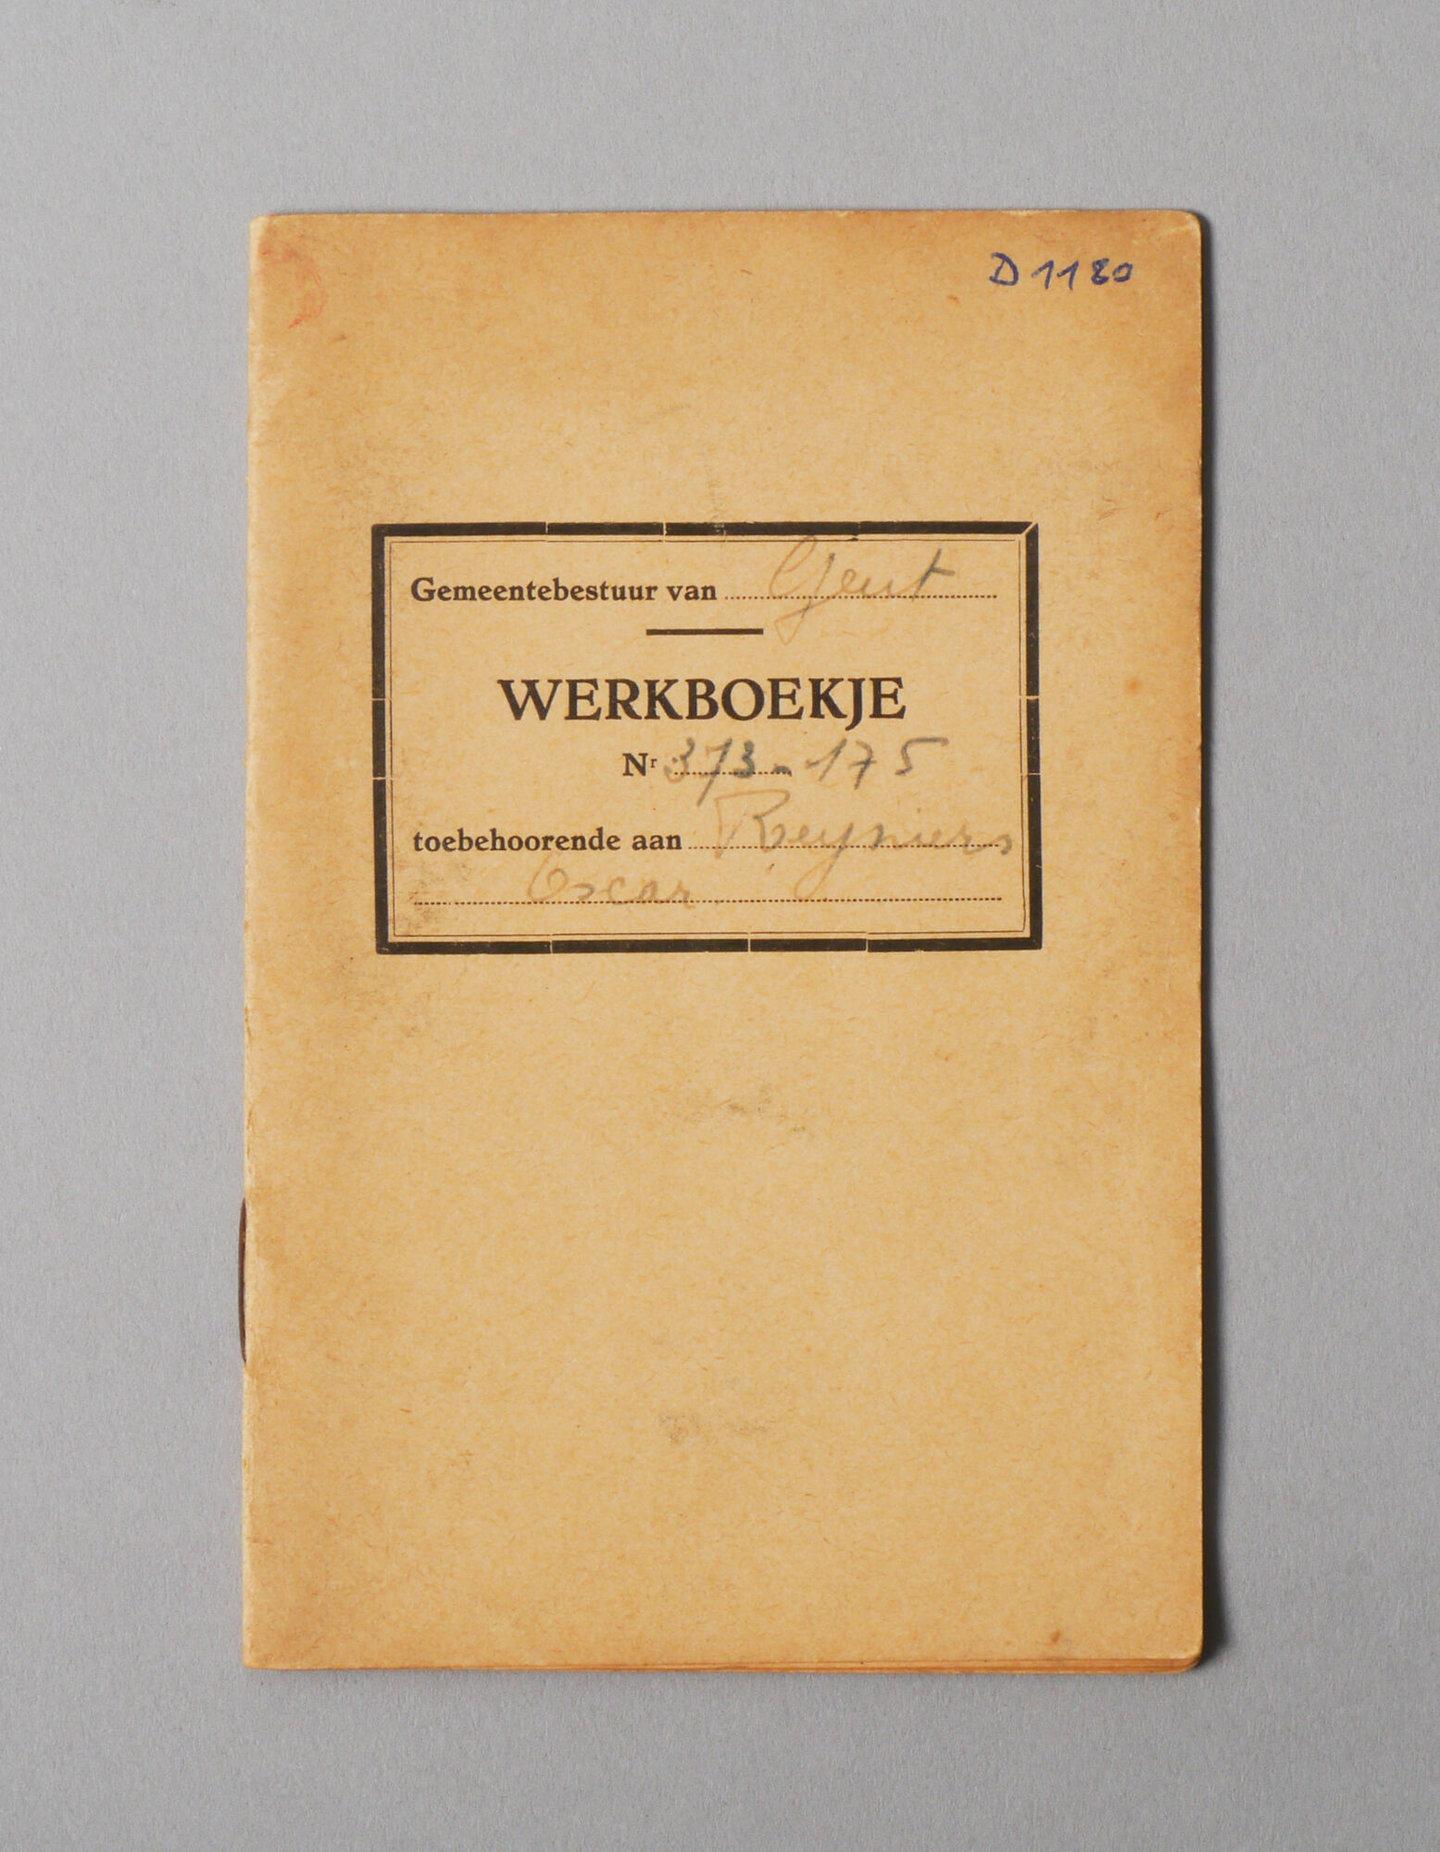 Werkboekje van Oscar Reyniers